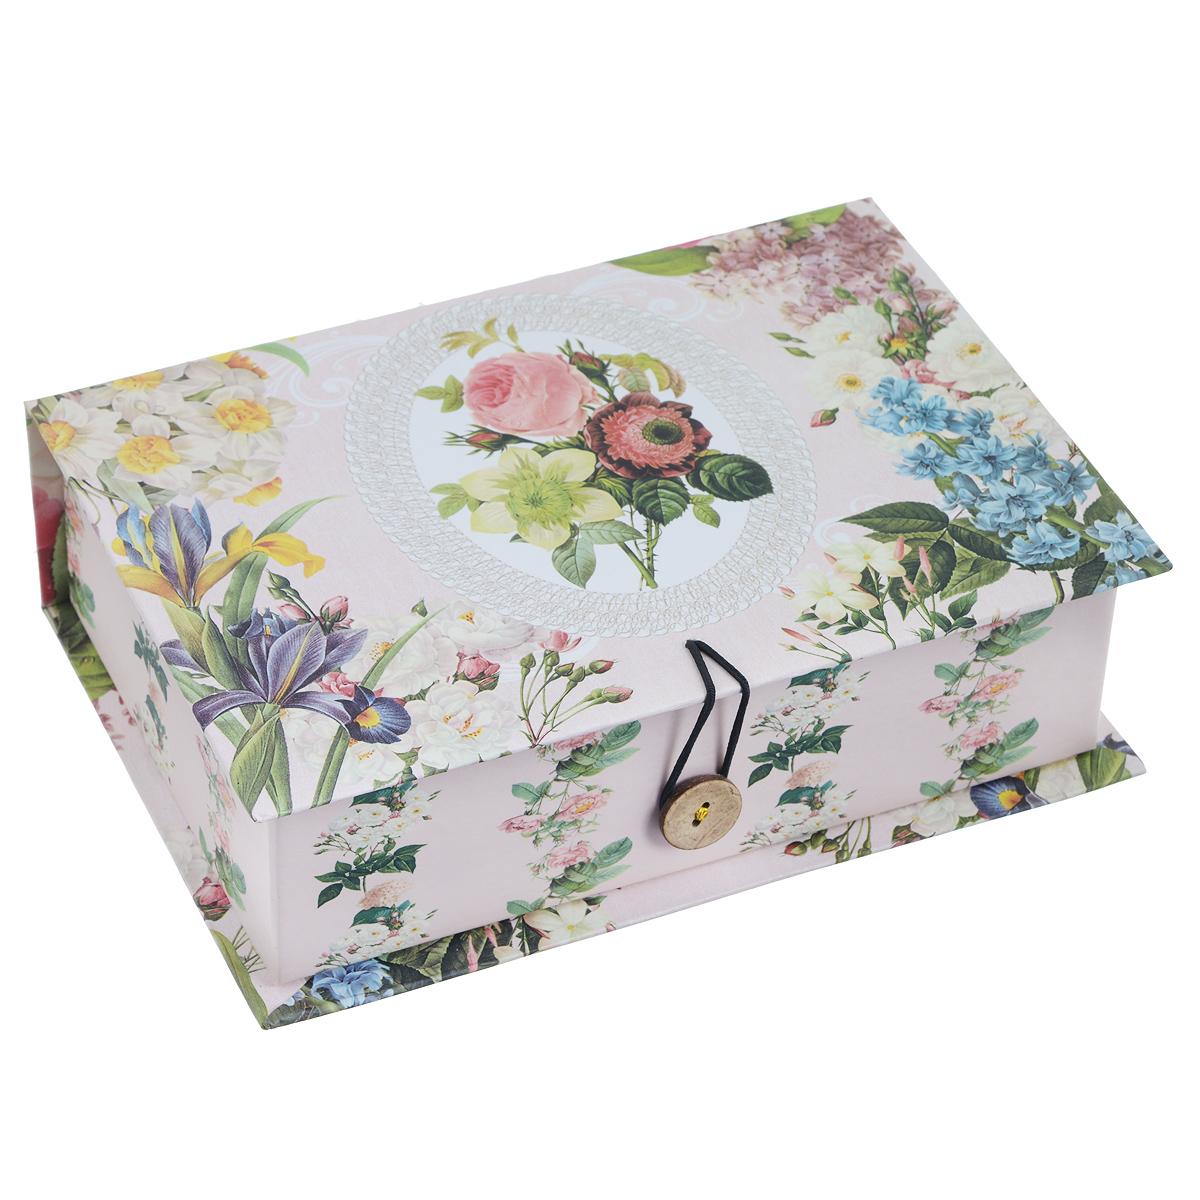 Подарочная коробка Феникс-Презент Весенний сад, 20 х 14 х 6 см подарочная коробка машинки 20 см х 14 см х 6 см